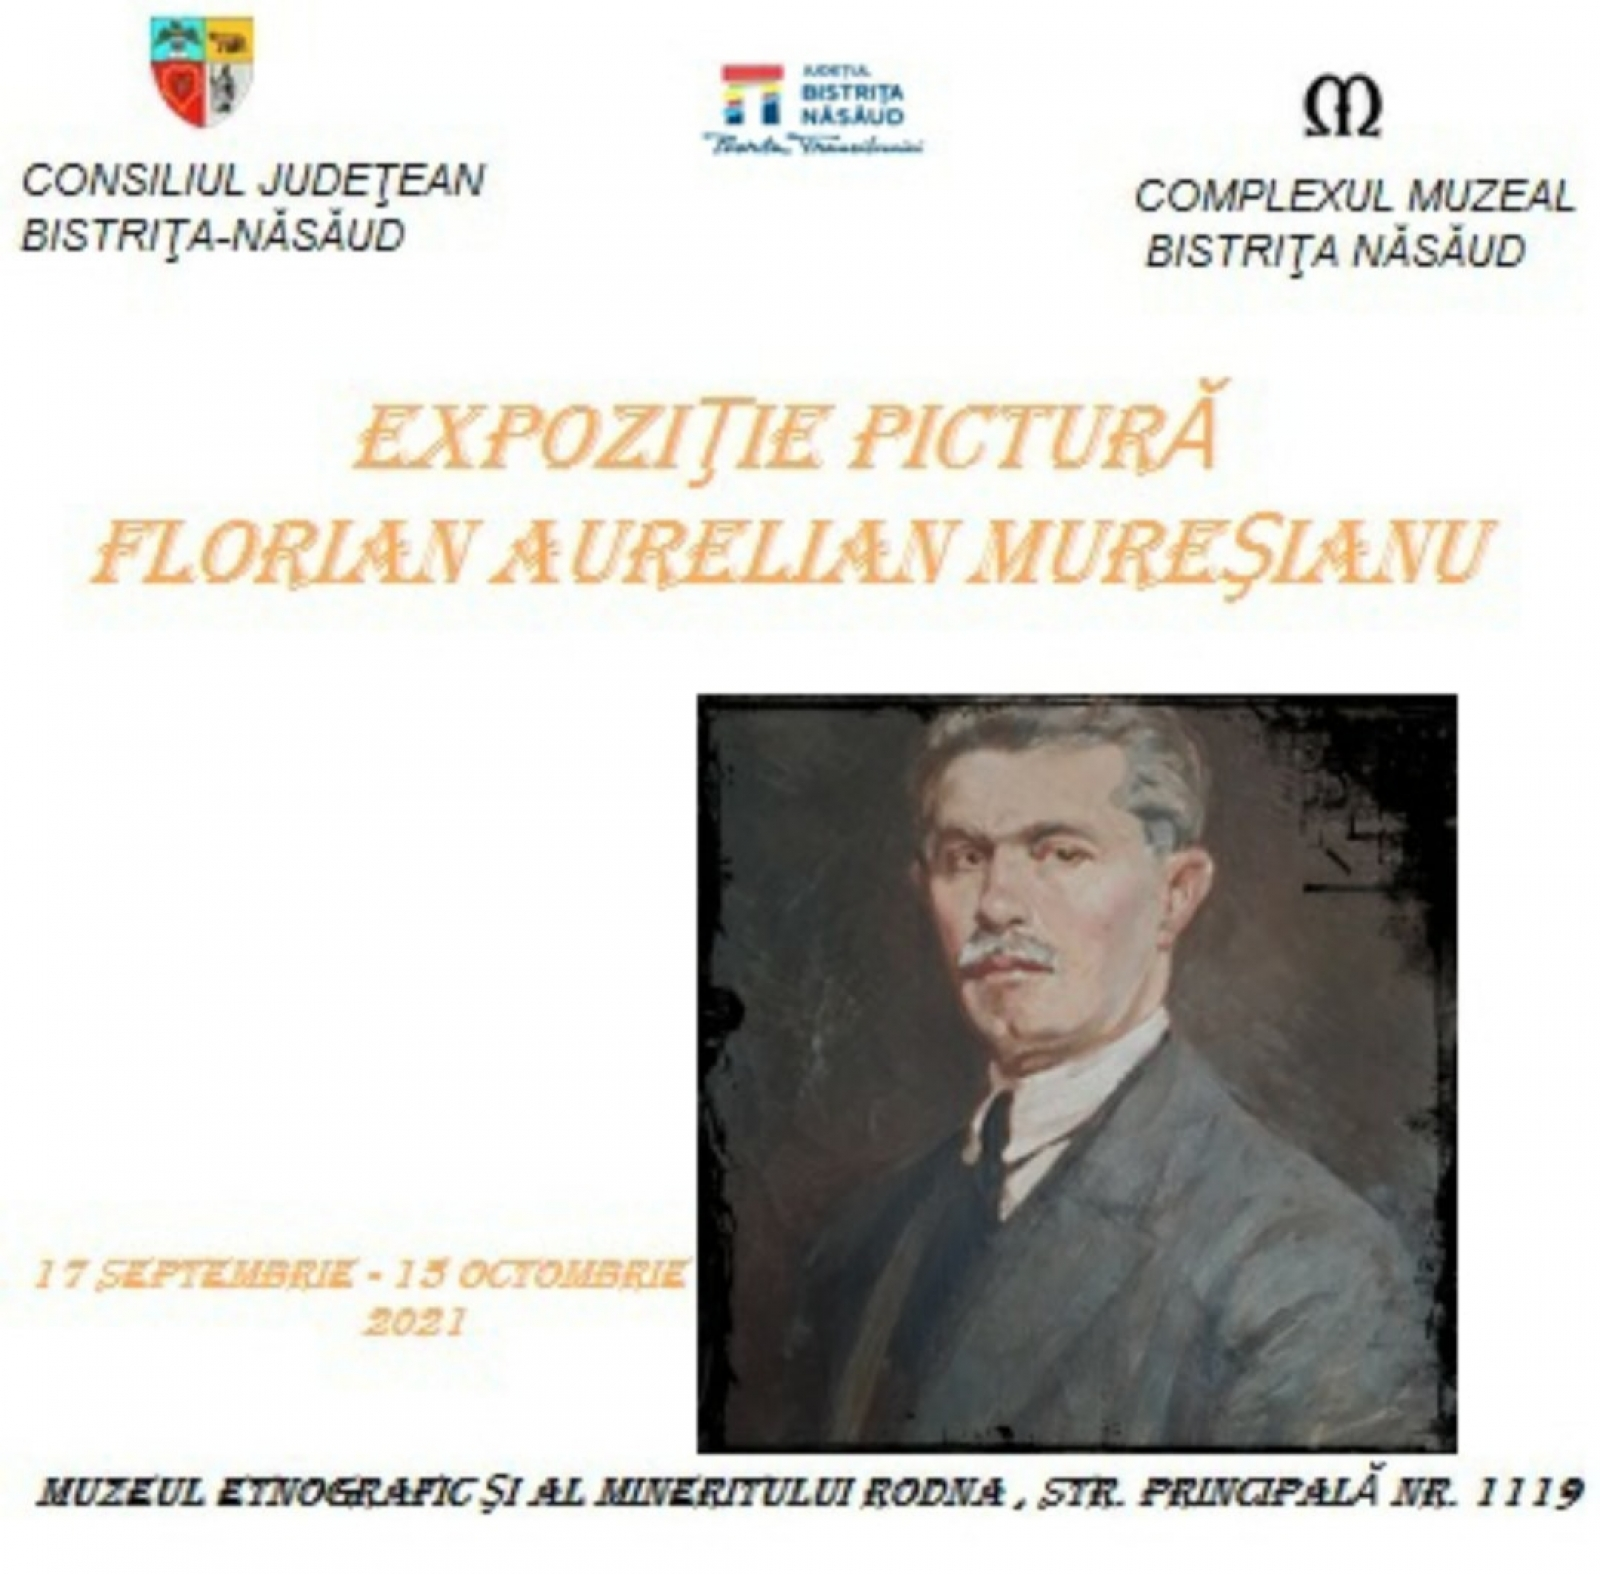 """Expoziție de pictură """"Florian Aurelian Mureșianu""""la Rodna"""